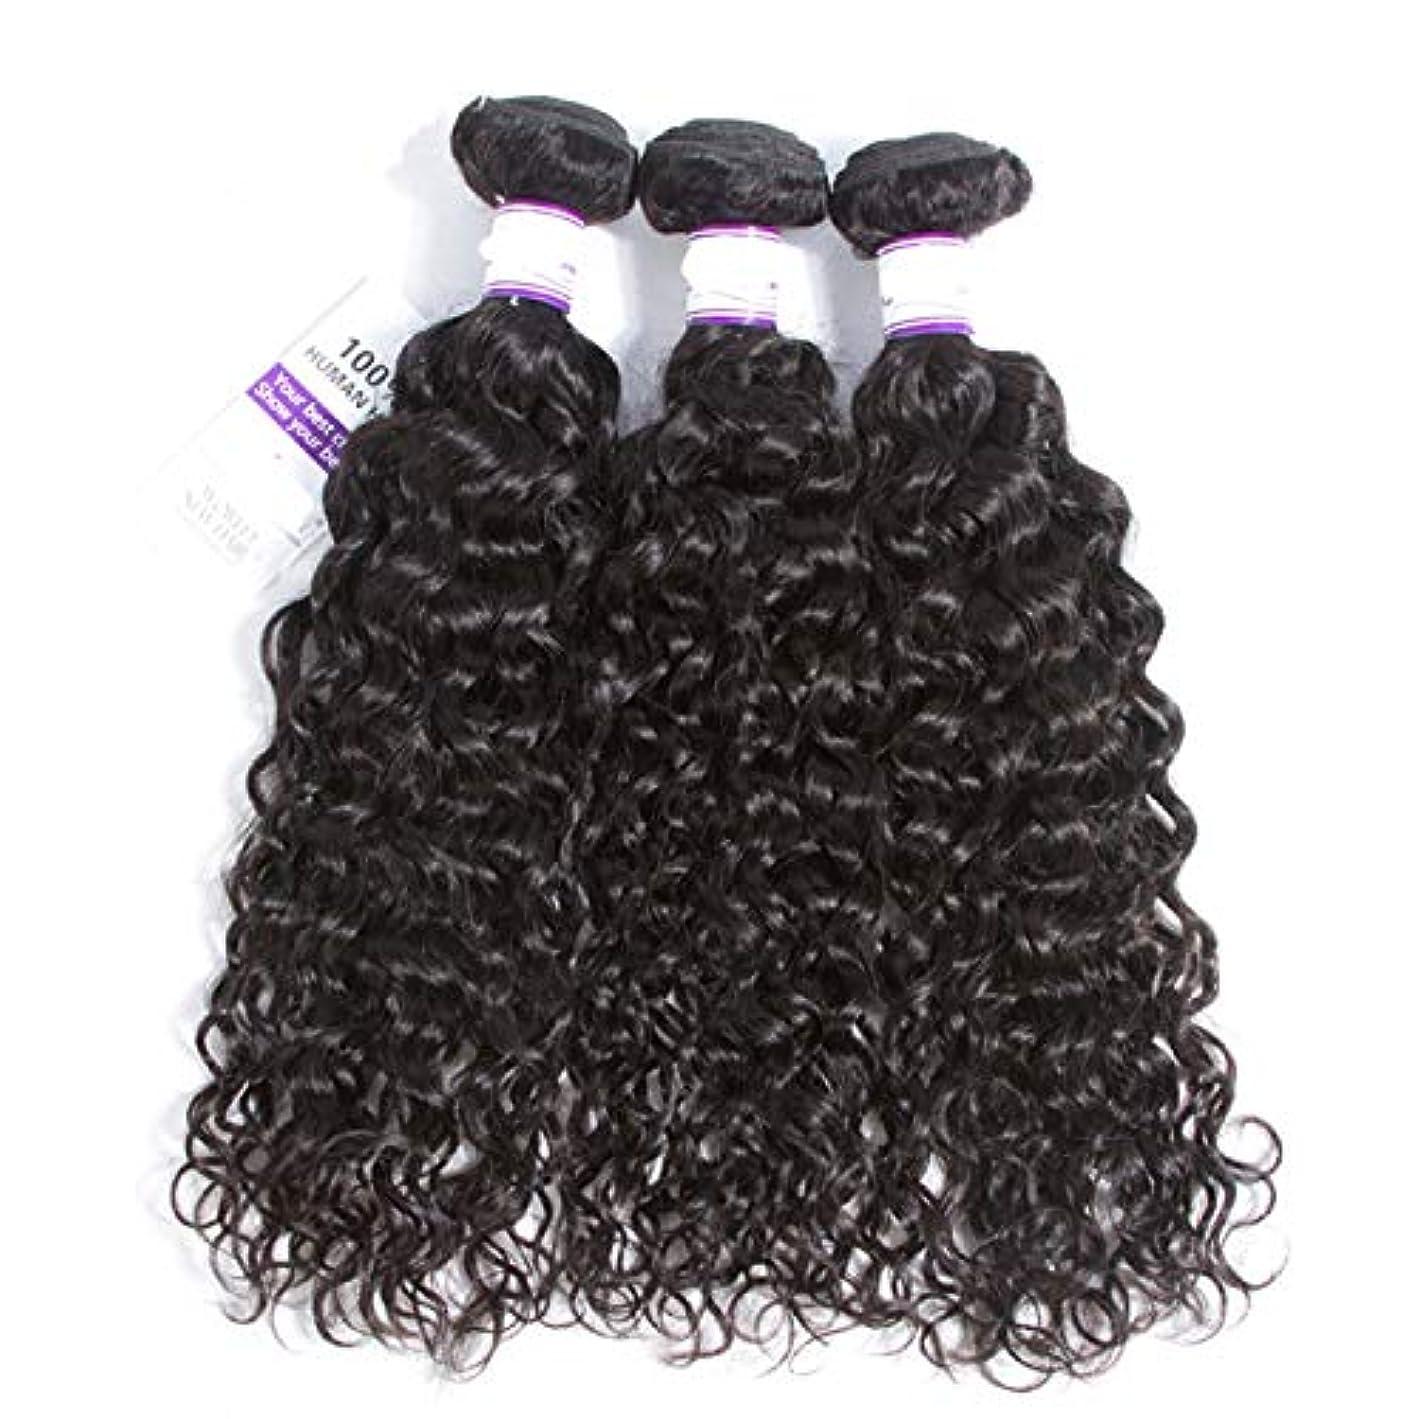 インドの水波実体髪3バンドル髪織り100%人間のremy髪横糸8-28インチ体毛延長 (Length : 12 14 16)